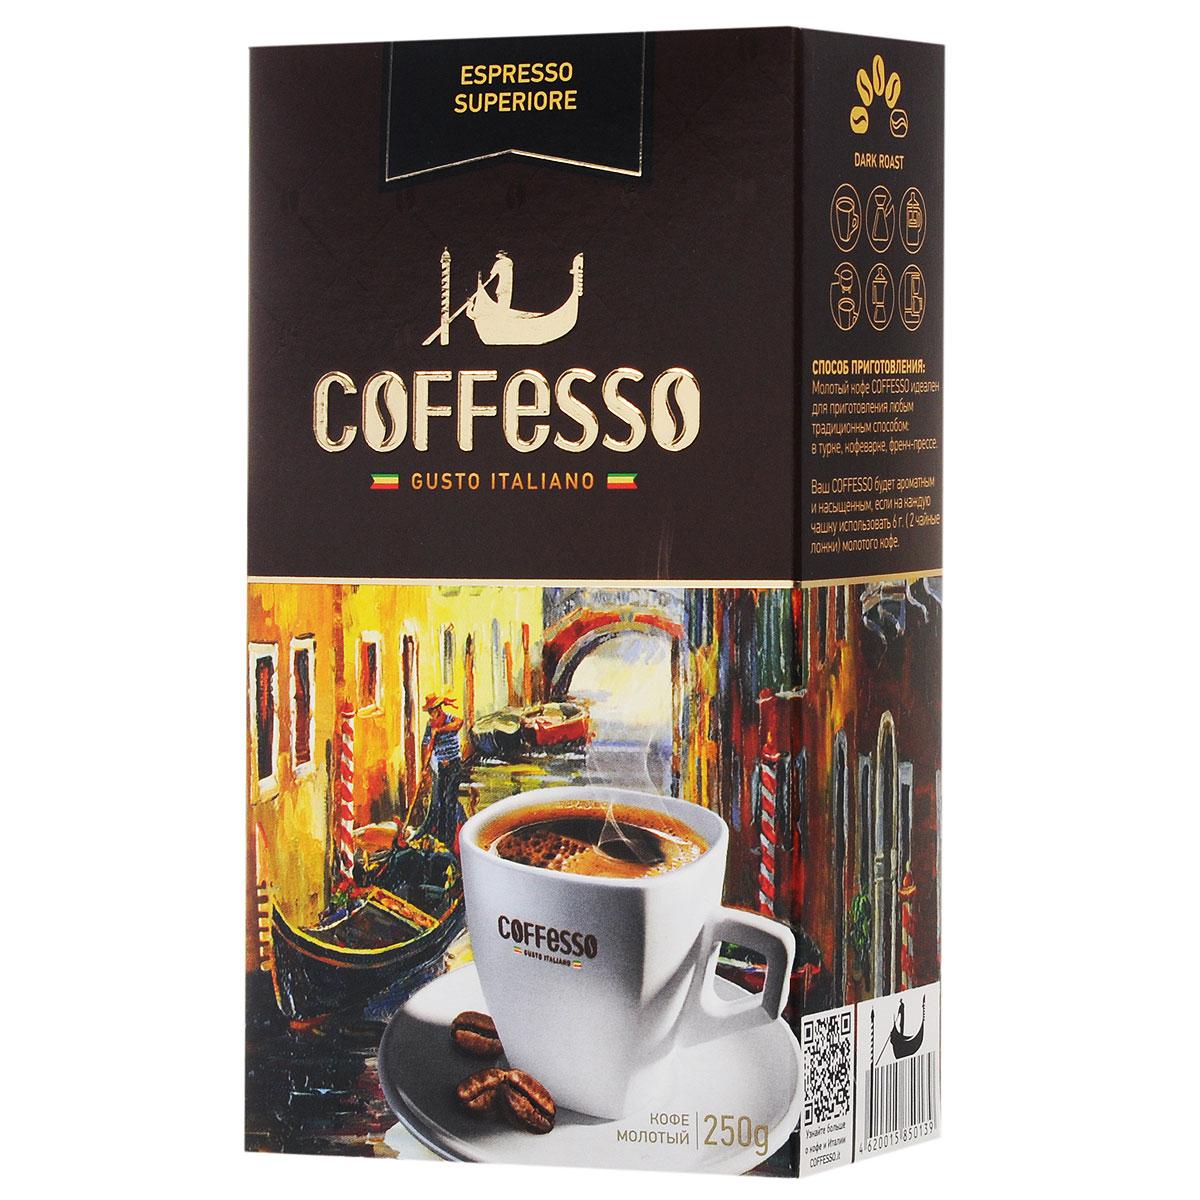 Coffesso Espresso Superiore кофе молотый, 250 г0120710Coffesso Espresso Superiore - гармоничное сочетание южноамериканской арабики и робусты с насыщенным ароматом и богатым послевкусием.